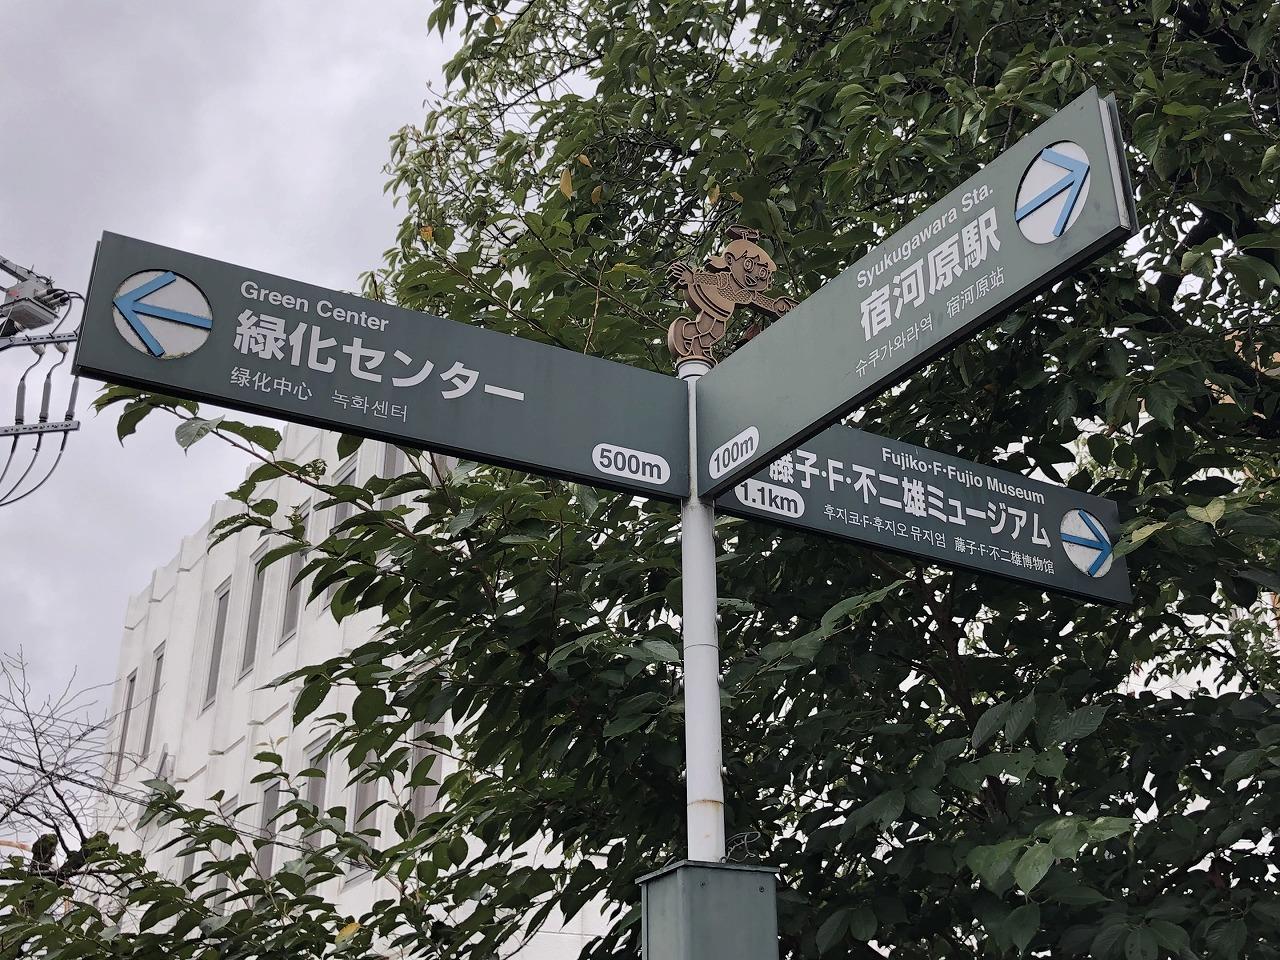 道標に藤子キャラが!